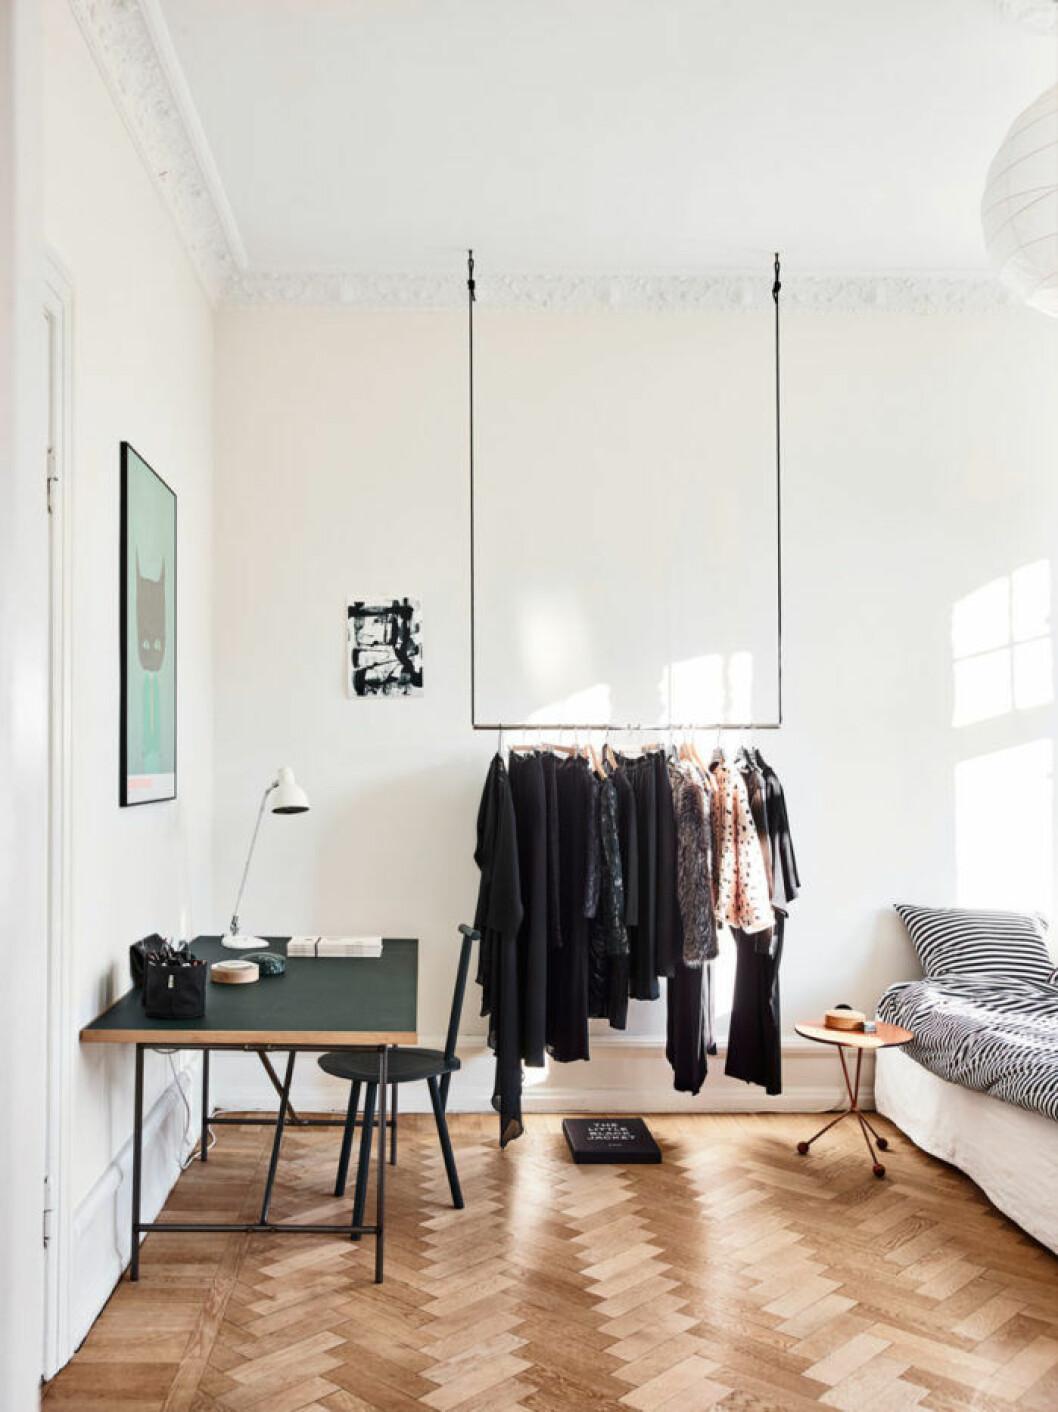 Öppen förvaring för kläder i avskalat sovrum